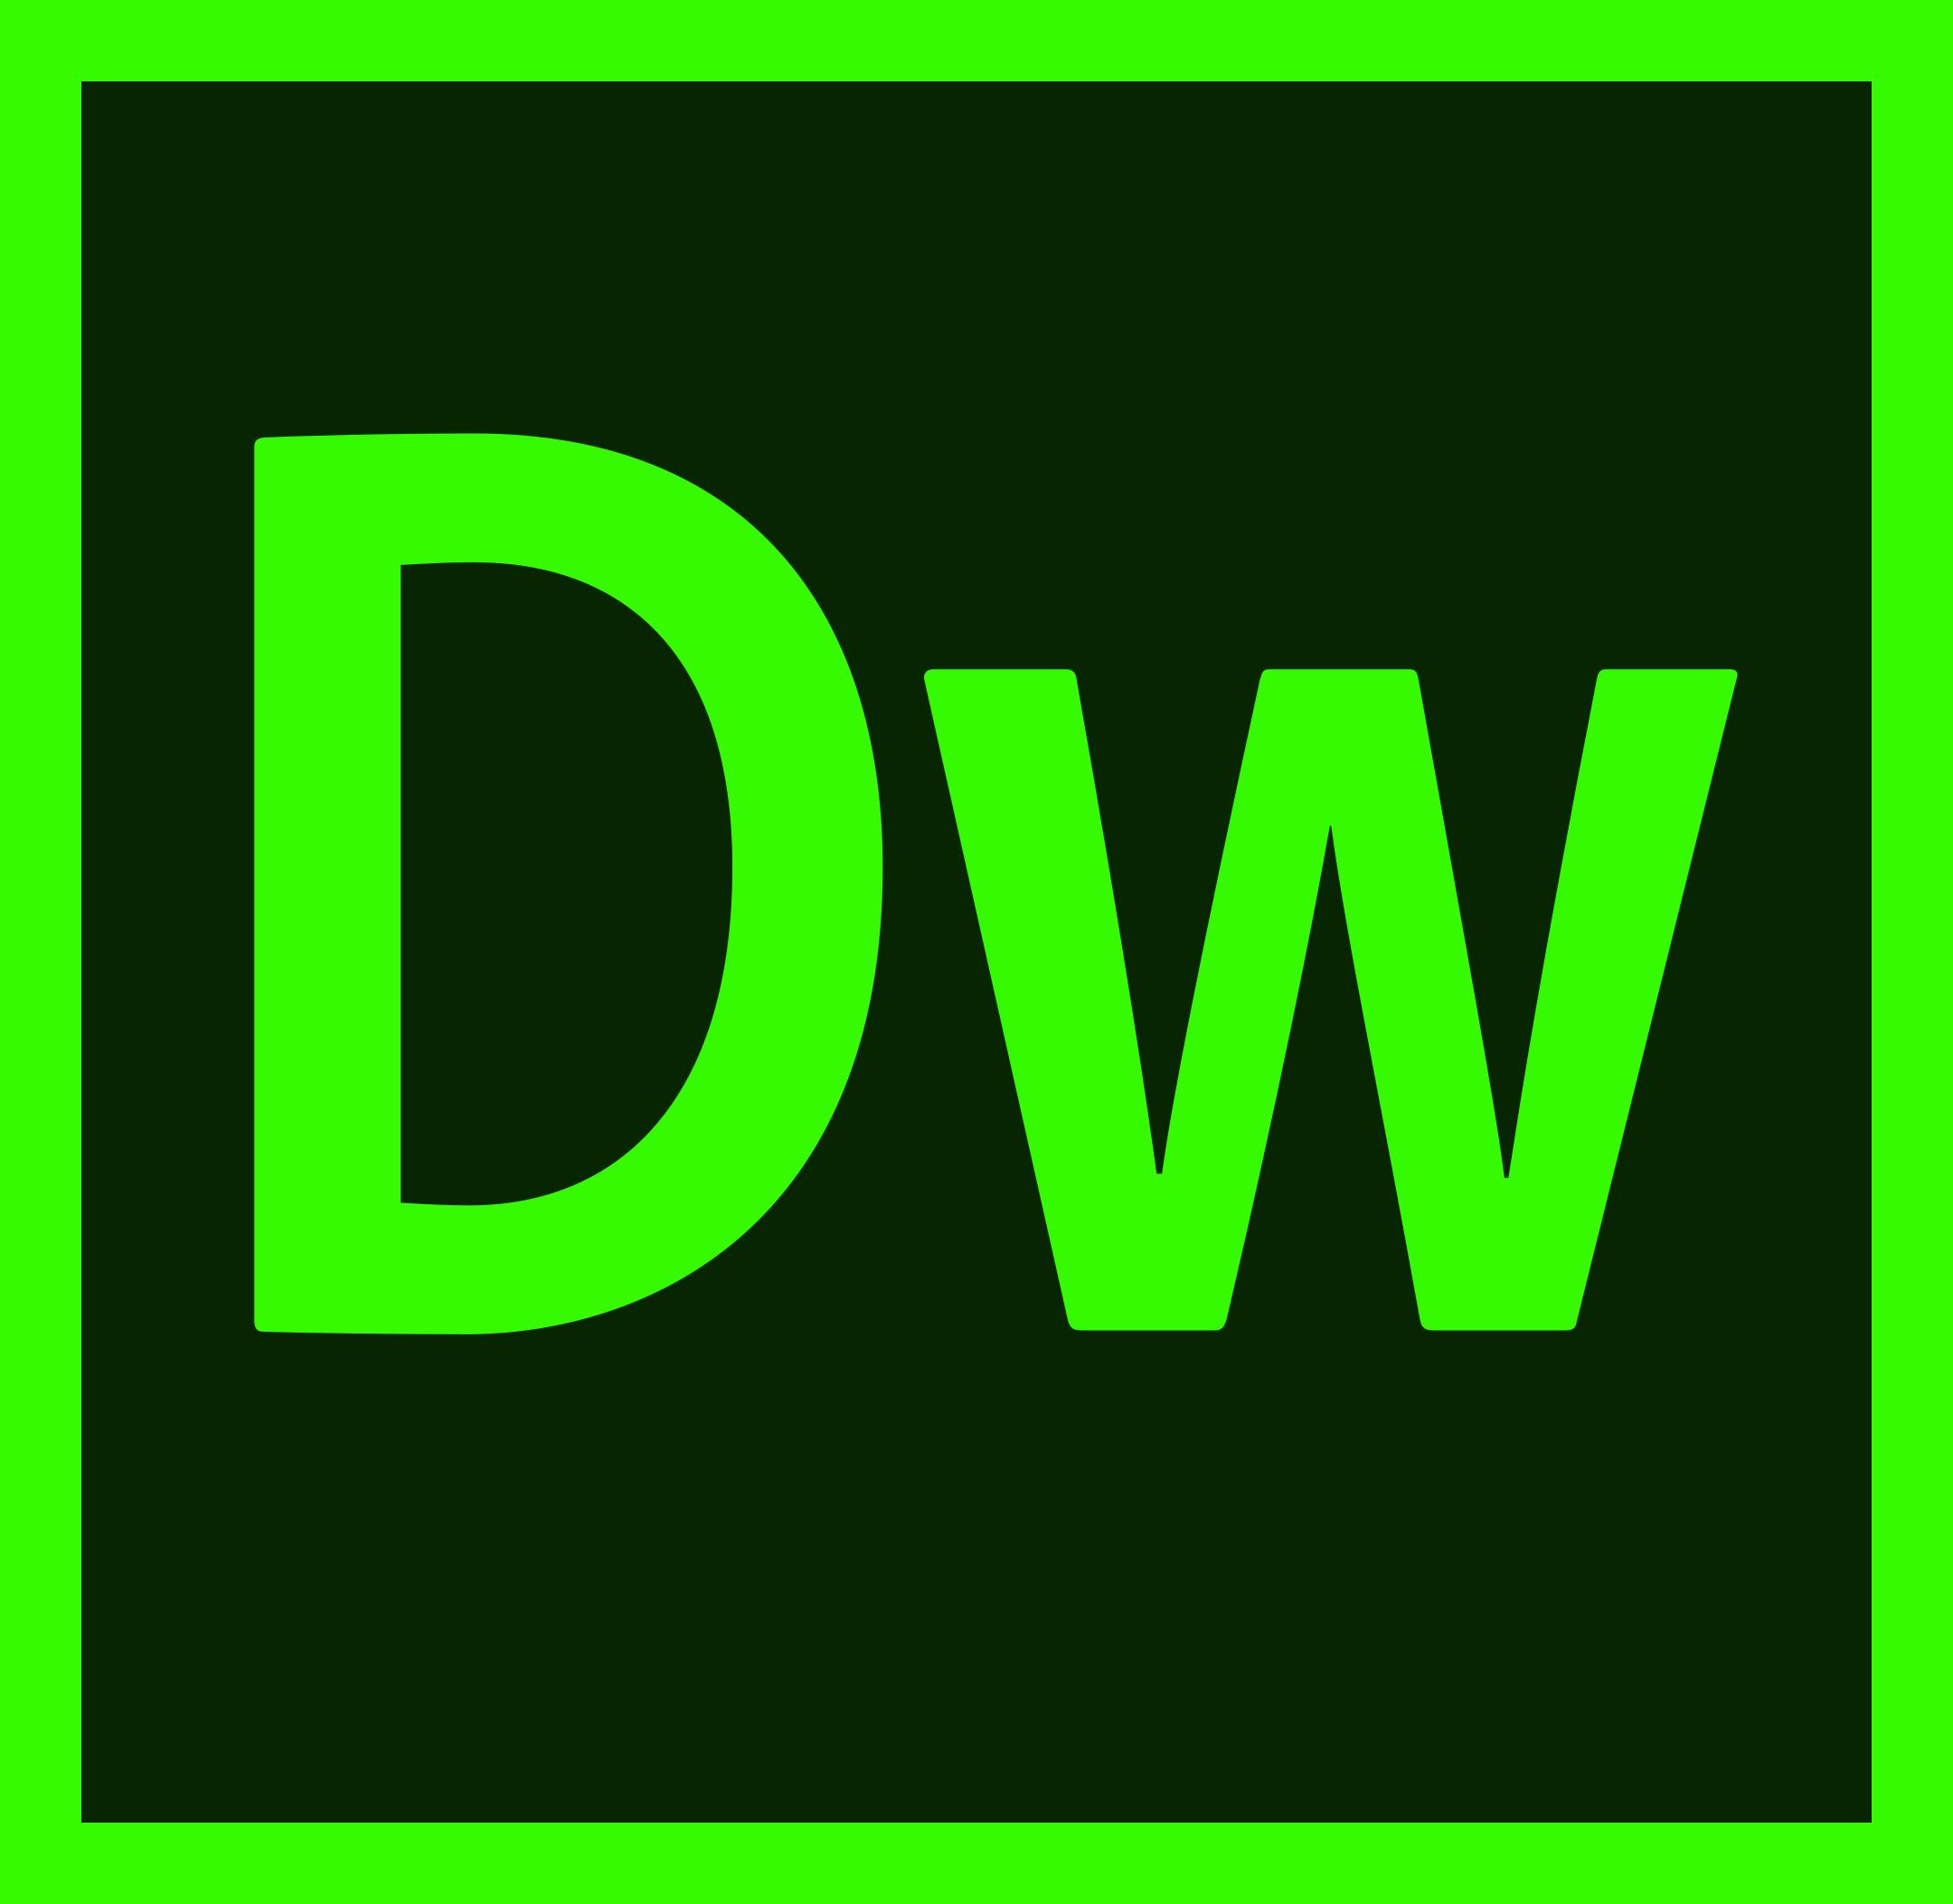 Adobe Dreamweaver Logo.